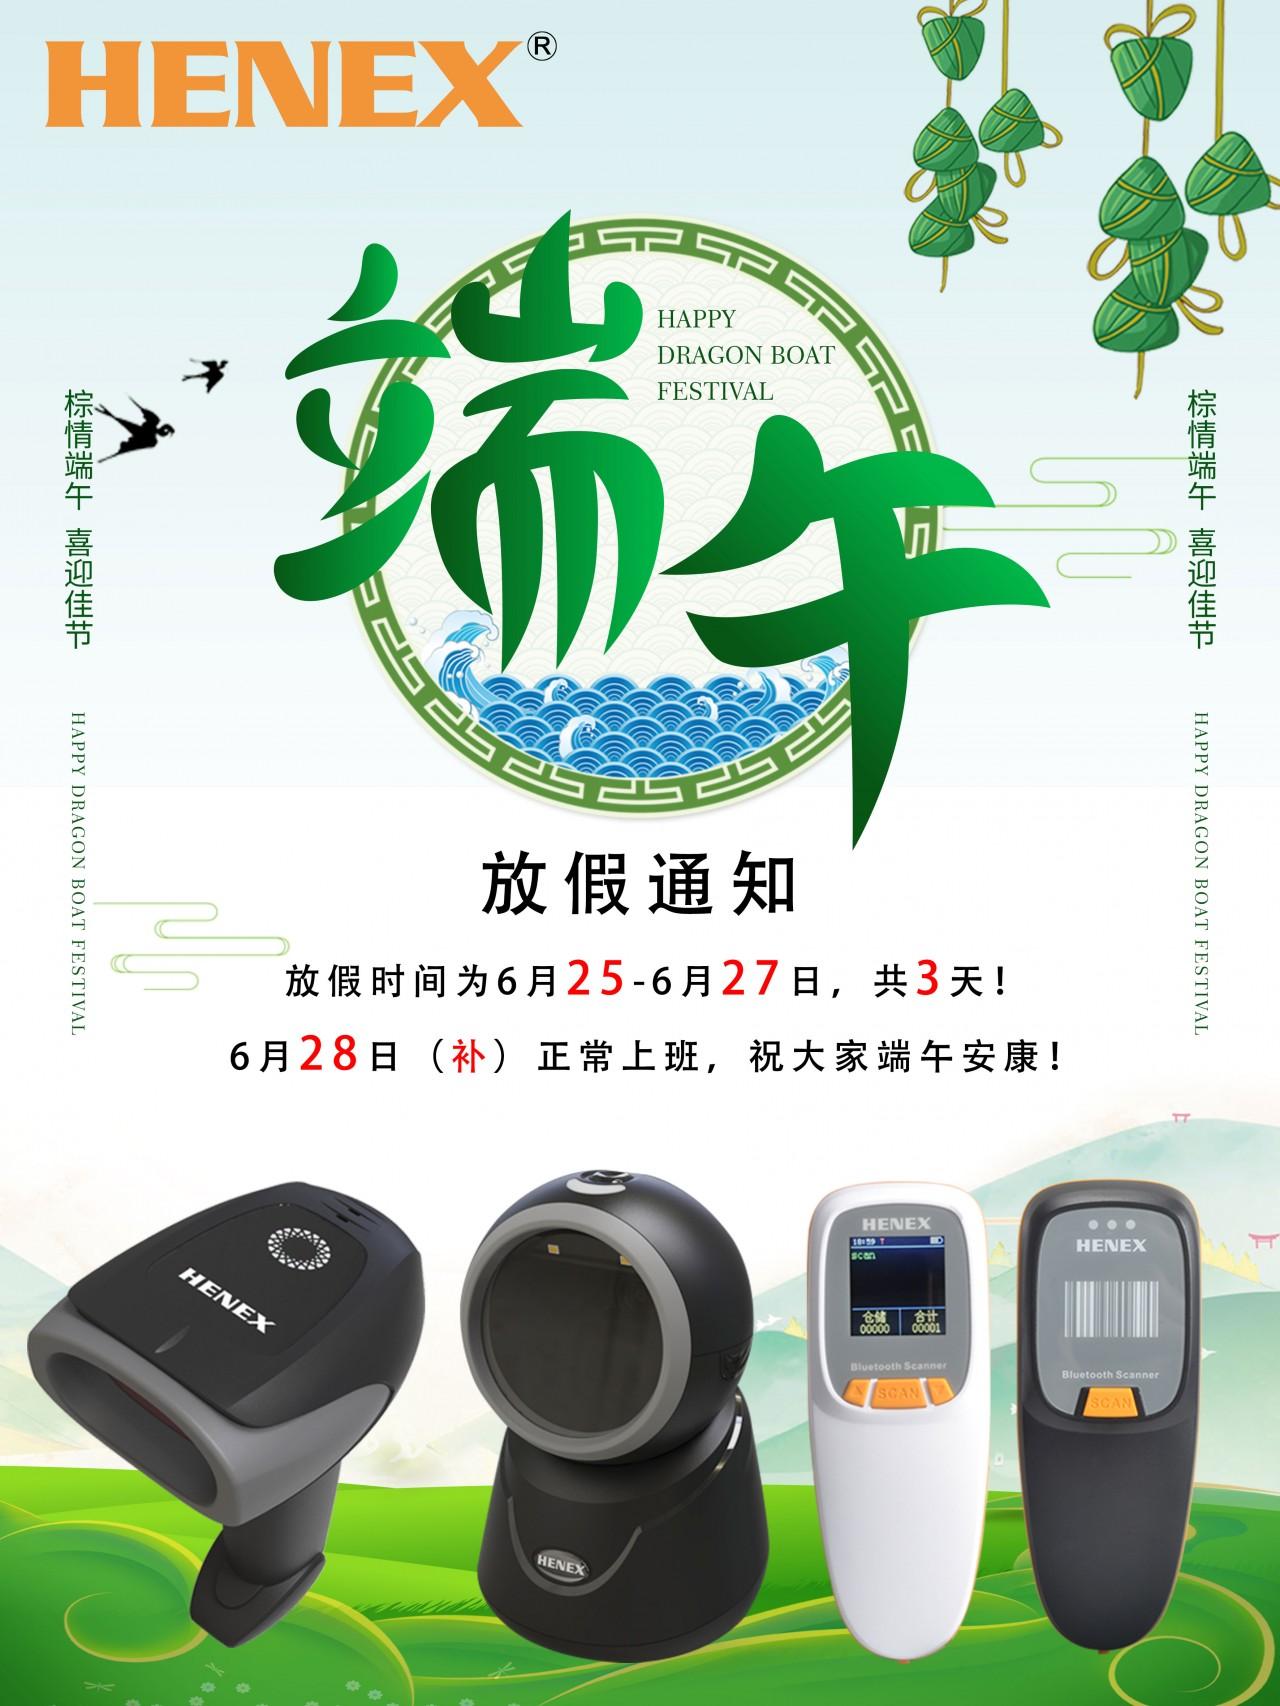 端午节节日海报.jpg